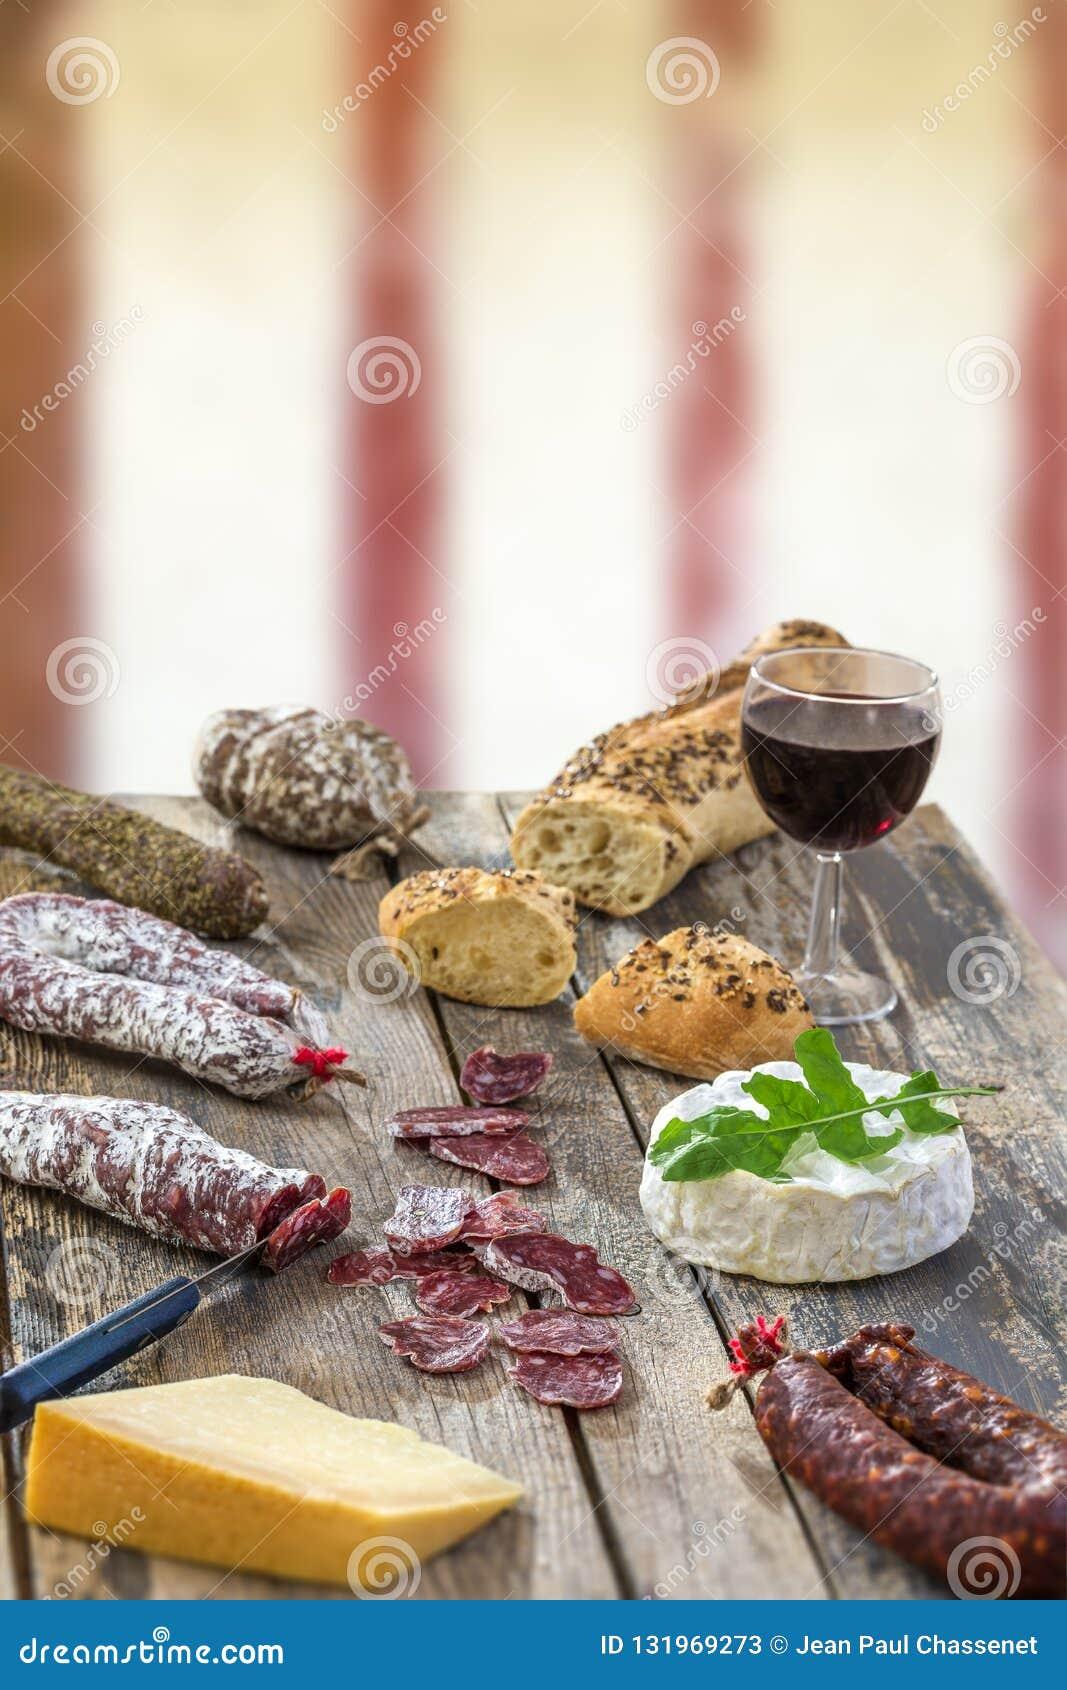 Bocados franceses con el vino - diversos tipos de quesos, pan, suassages secos, charcuterie, vid roja en un fondo gris